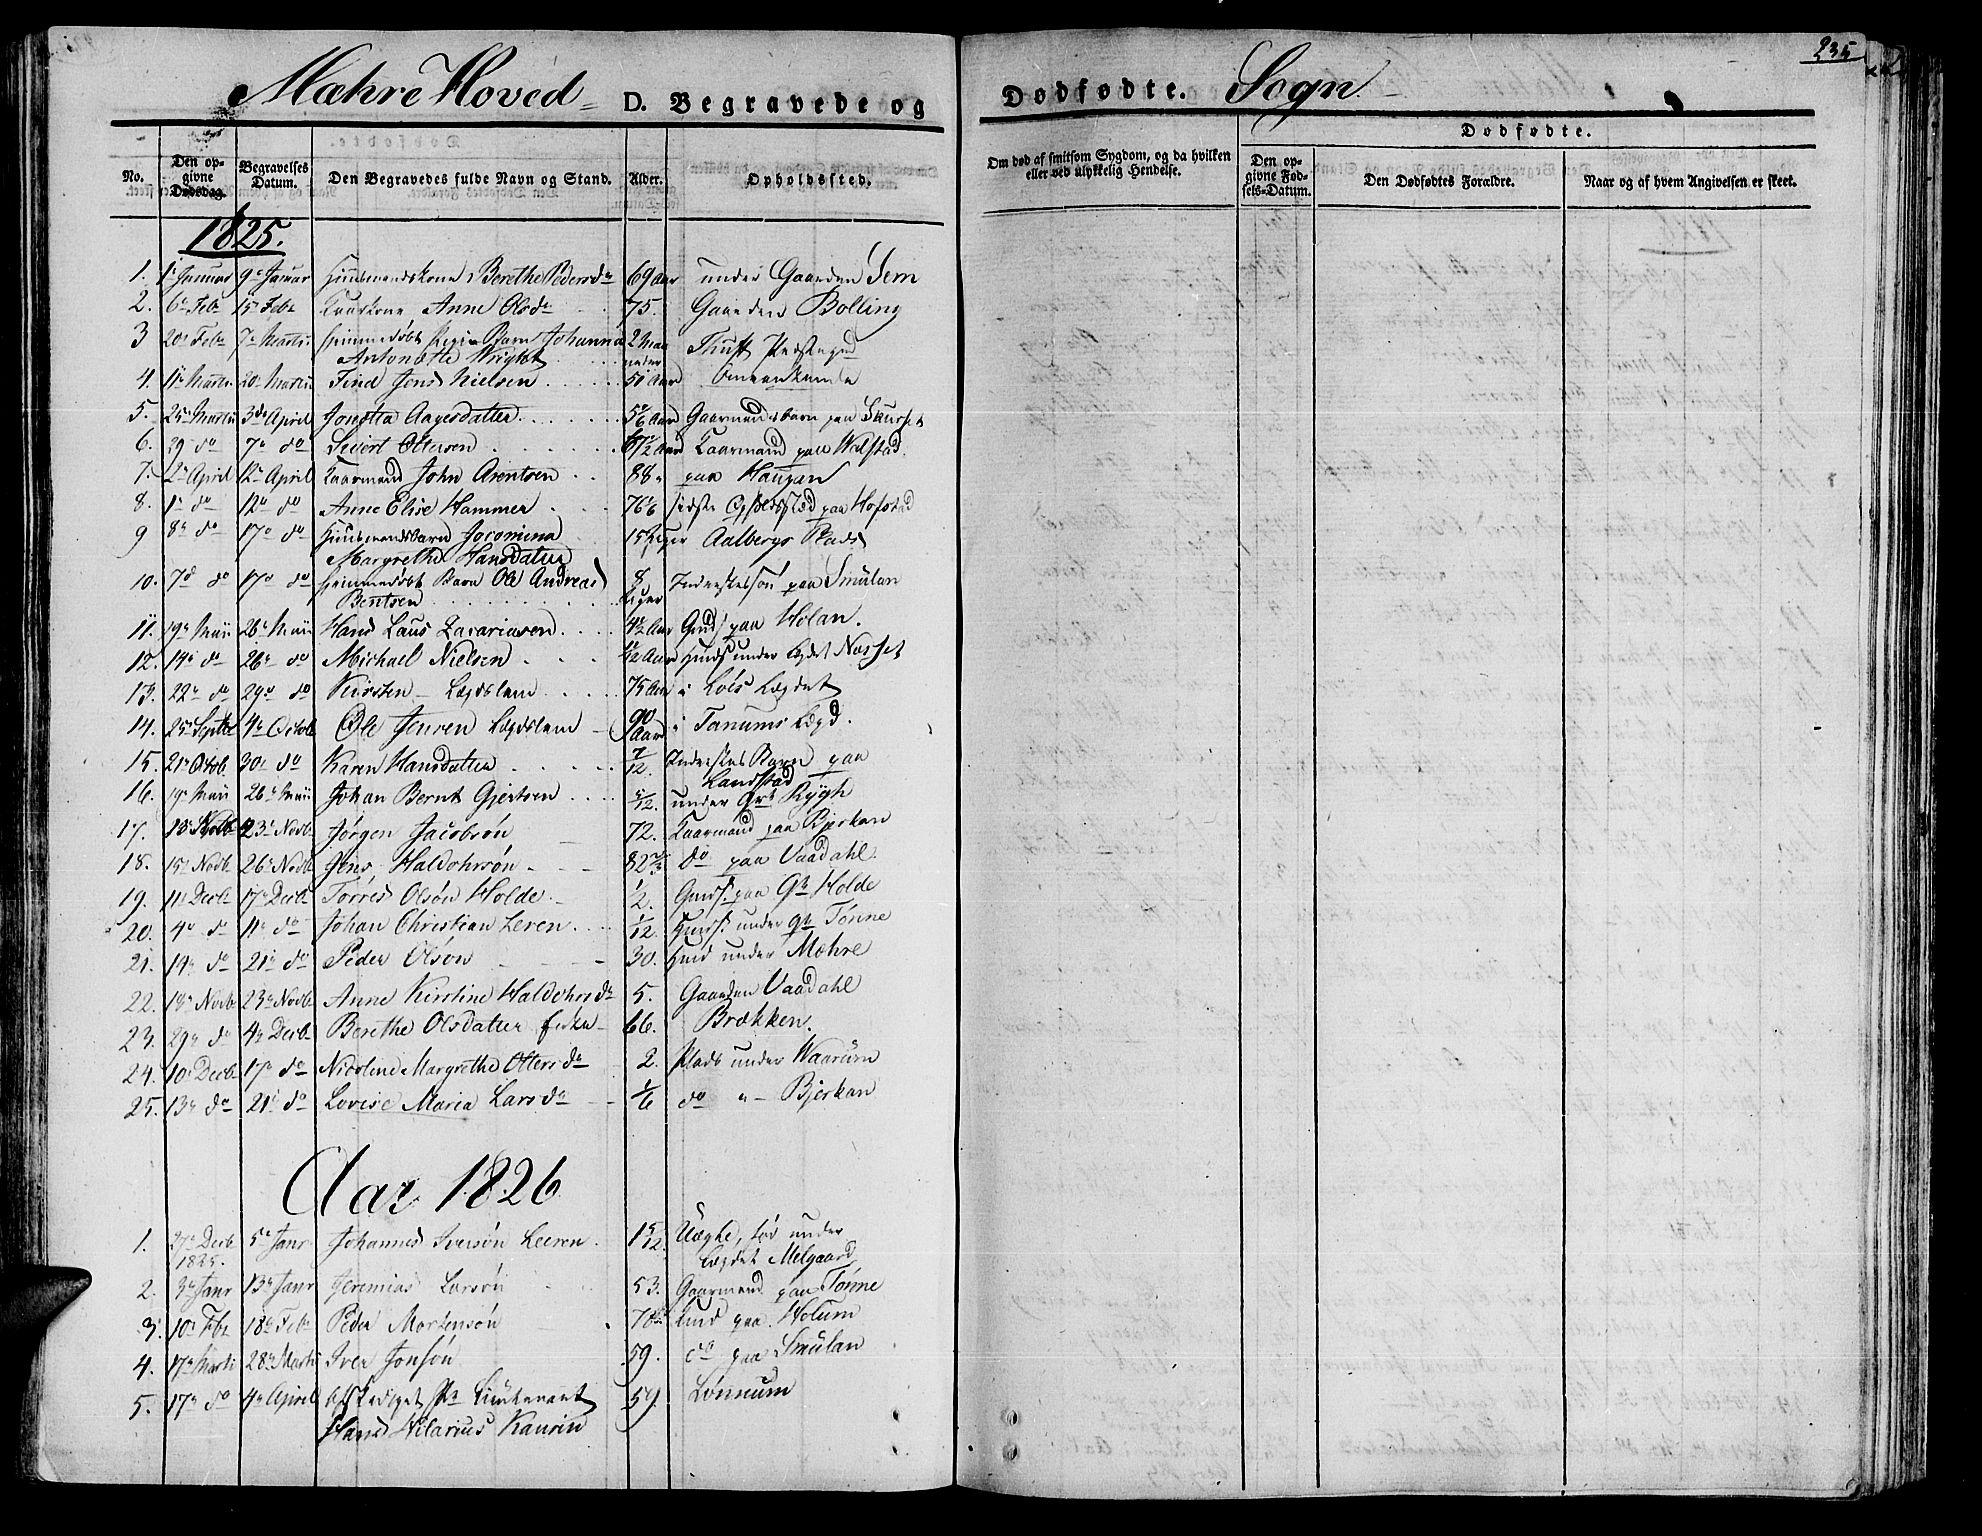 SAT, Ministerialprotokoller, klokkerbøker og fødselsregistre - Nord-Trøndelag, 735/L0336: Ministerialbok nr. 735A05 /1, 1825-1835, s. 235